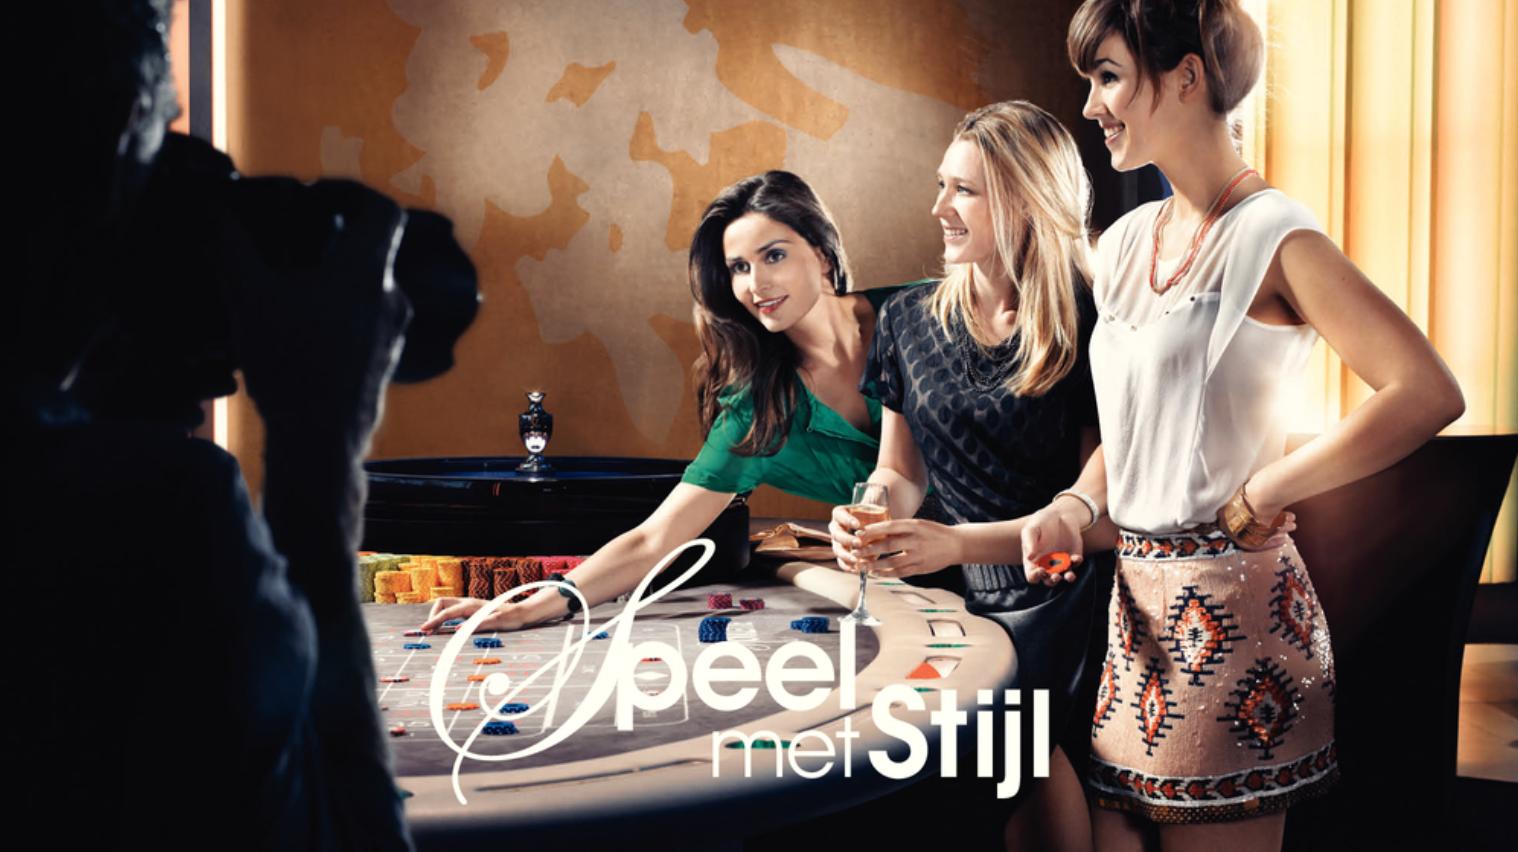 Holland Casino Speel met Stijl Kumpany Met Marieke